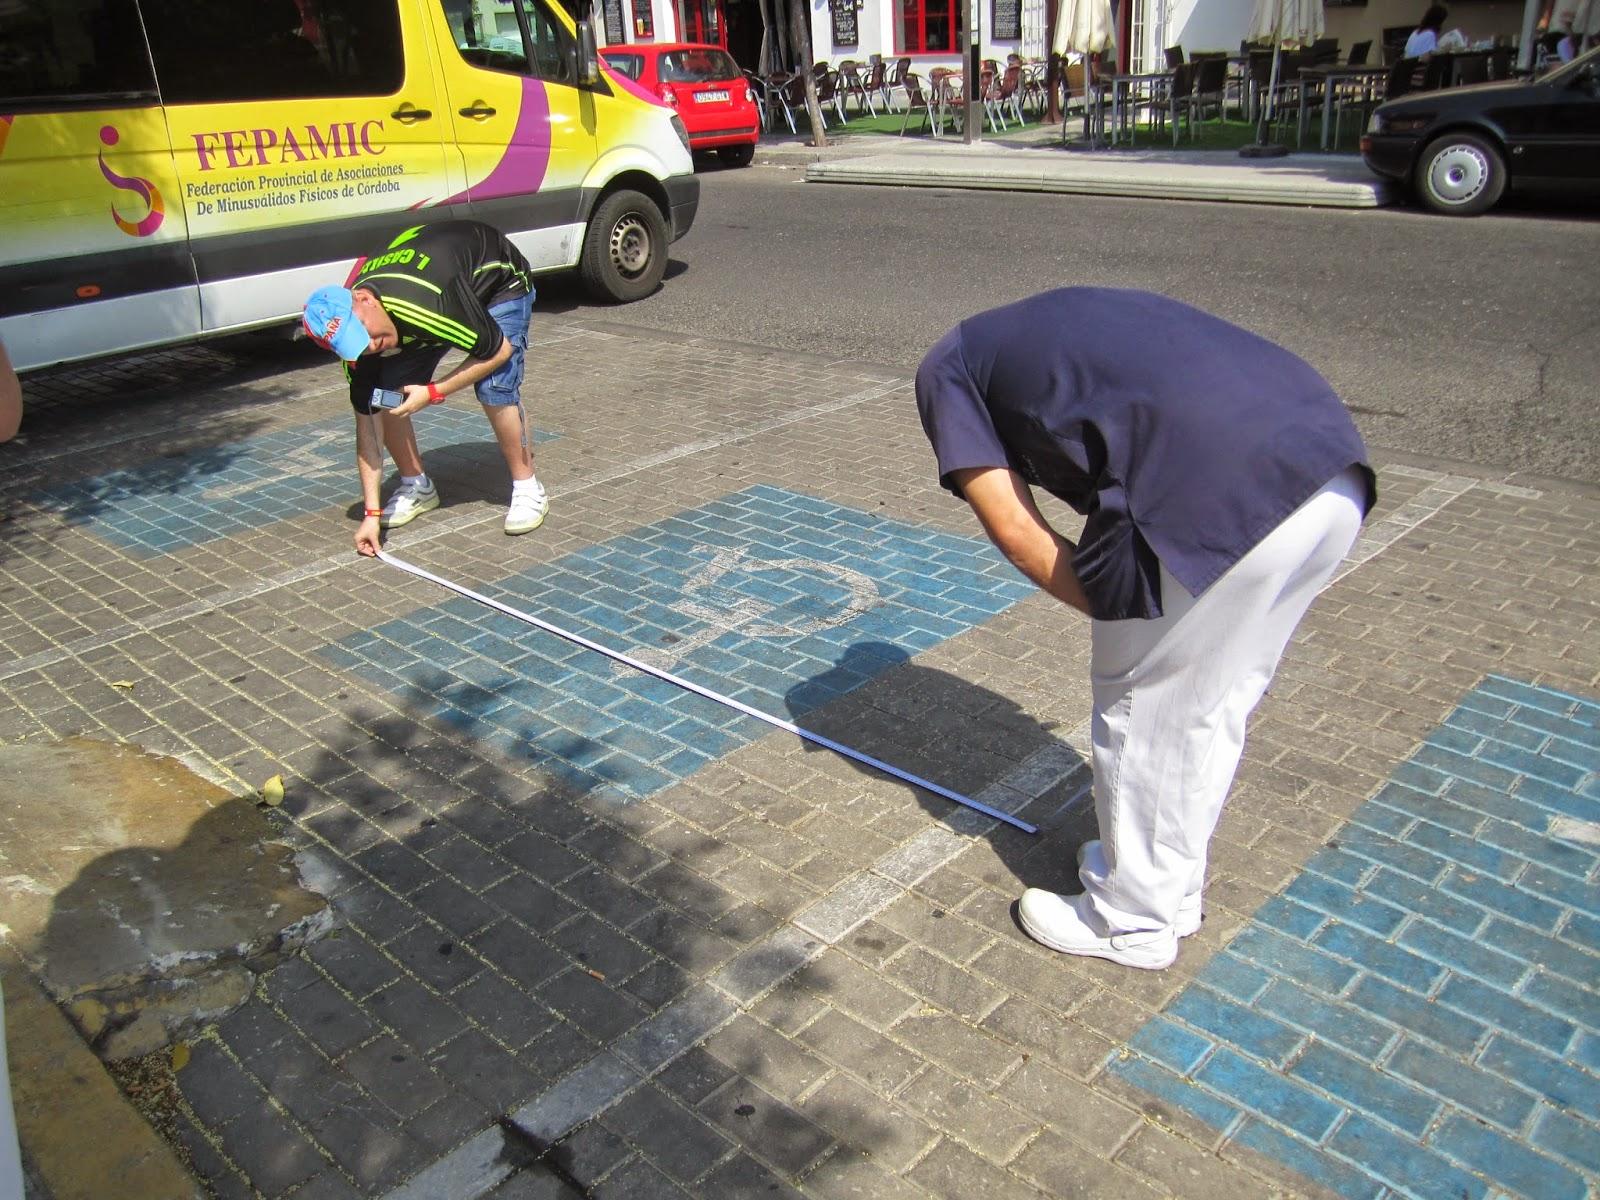 Dos participantes miden el ancho de una de las plazas reservadas.